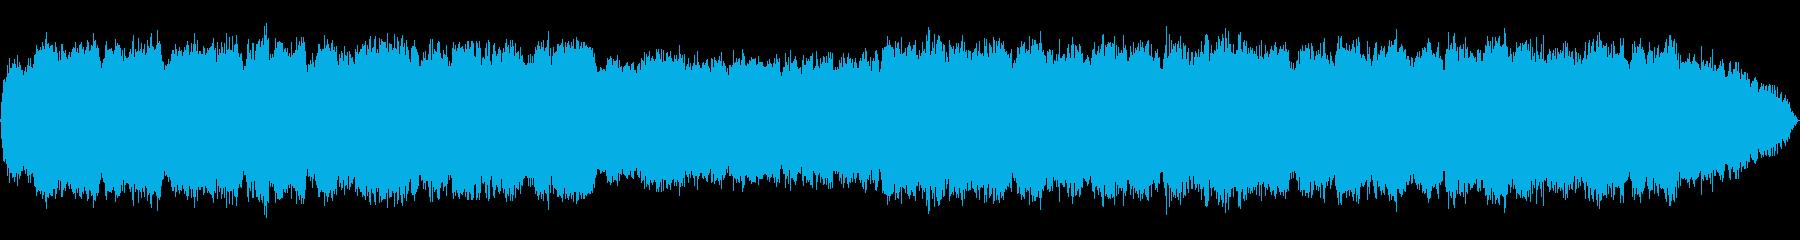 静かで幻想的なケーナの即興音楽の再生済みの波形